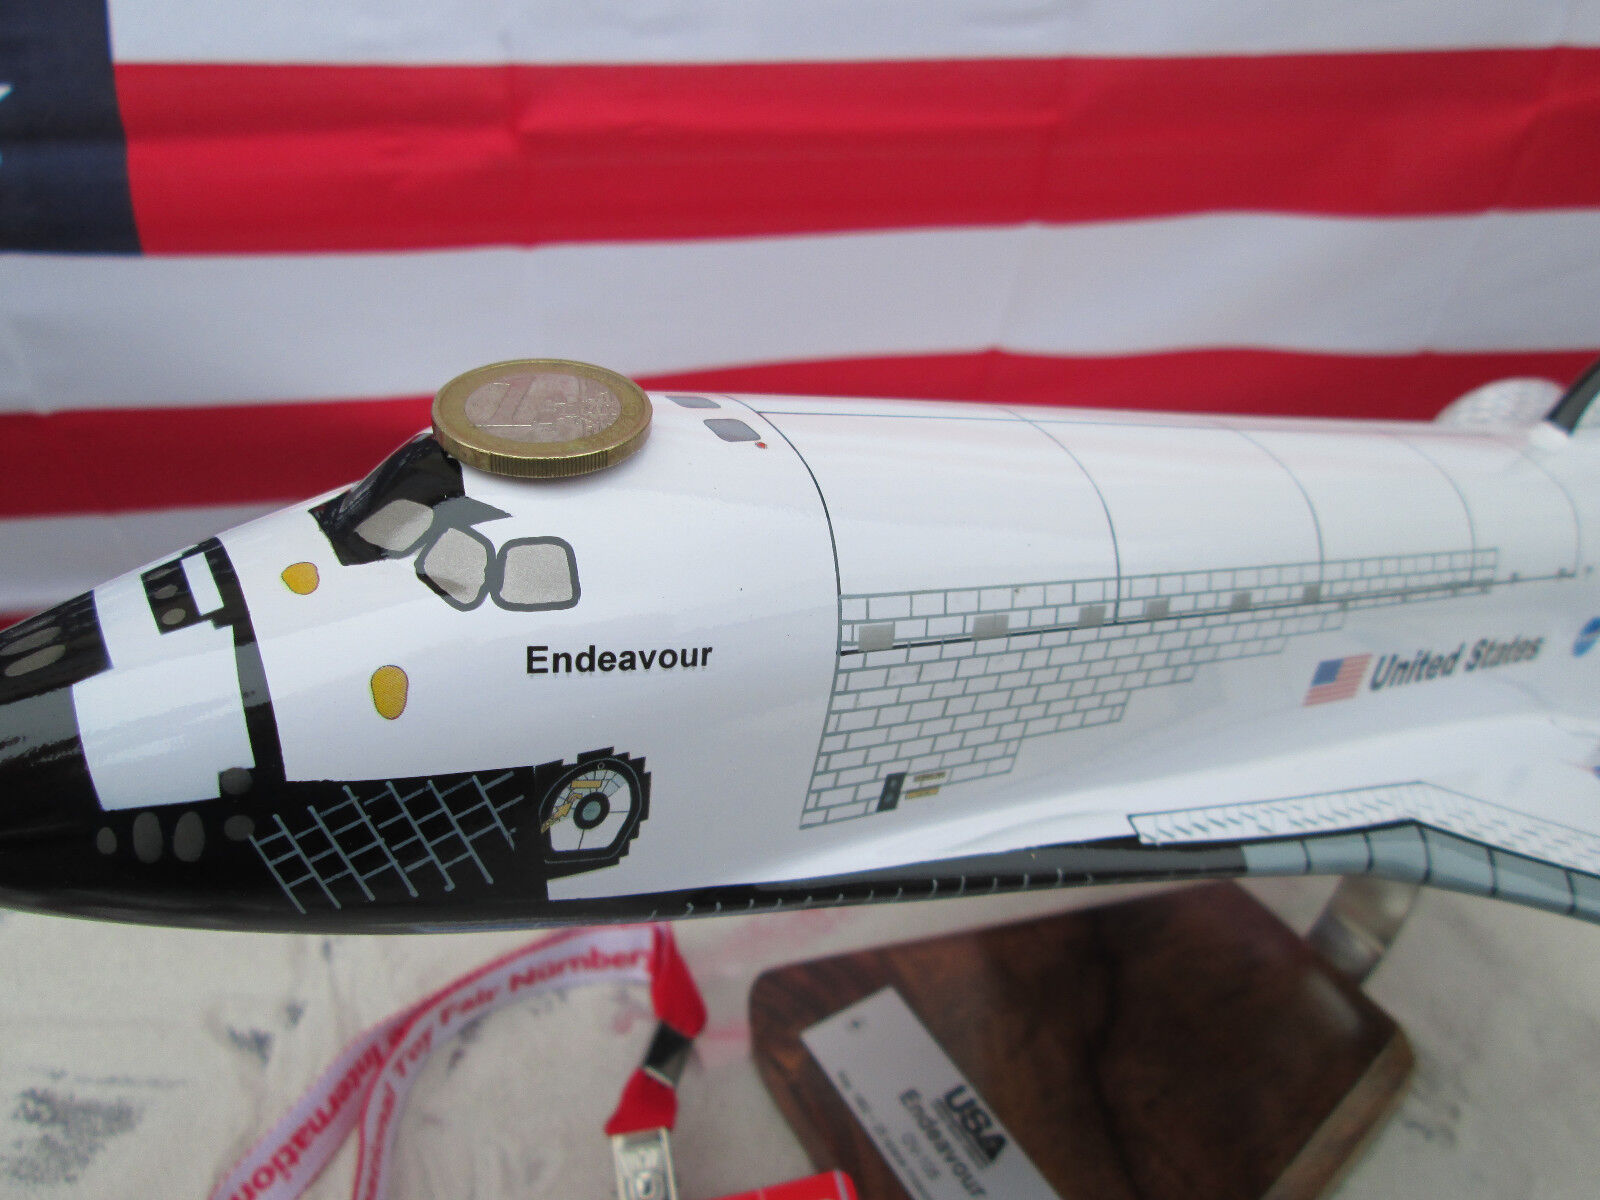 Noël est plein de joie Navette spatiale Endeavour Endeavour Endeavour NASA/ESA fusée XXL Rocket/ronds/AIRCRAFT/yakair   De Haute Qualité Et De Bas Frais Généraux  8e9d42